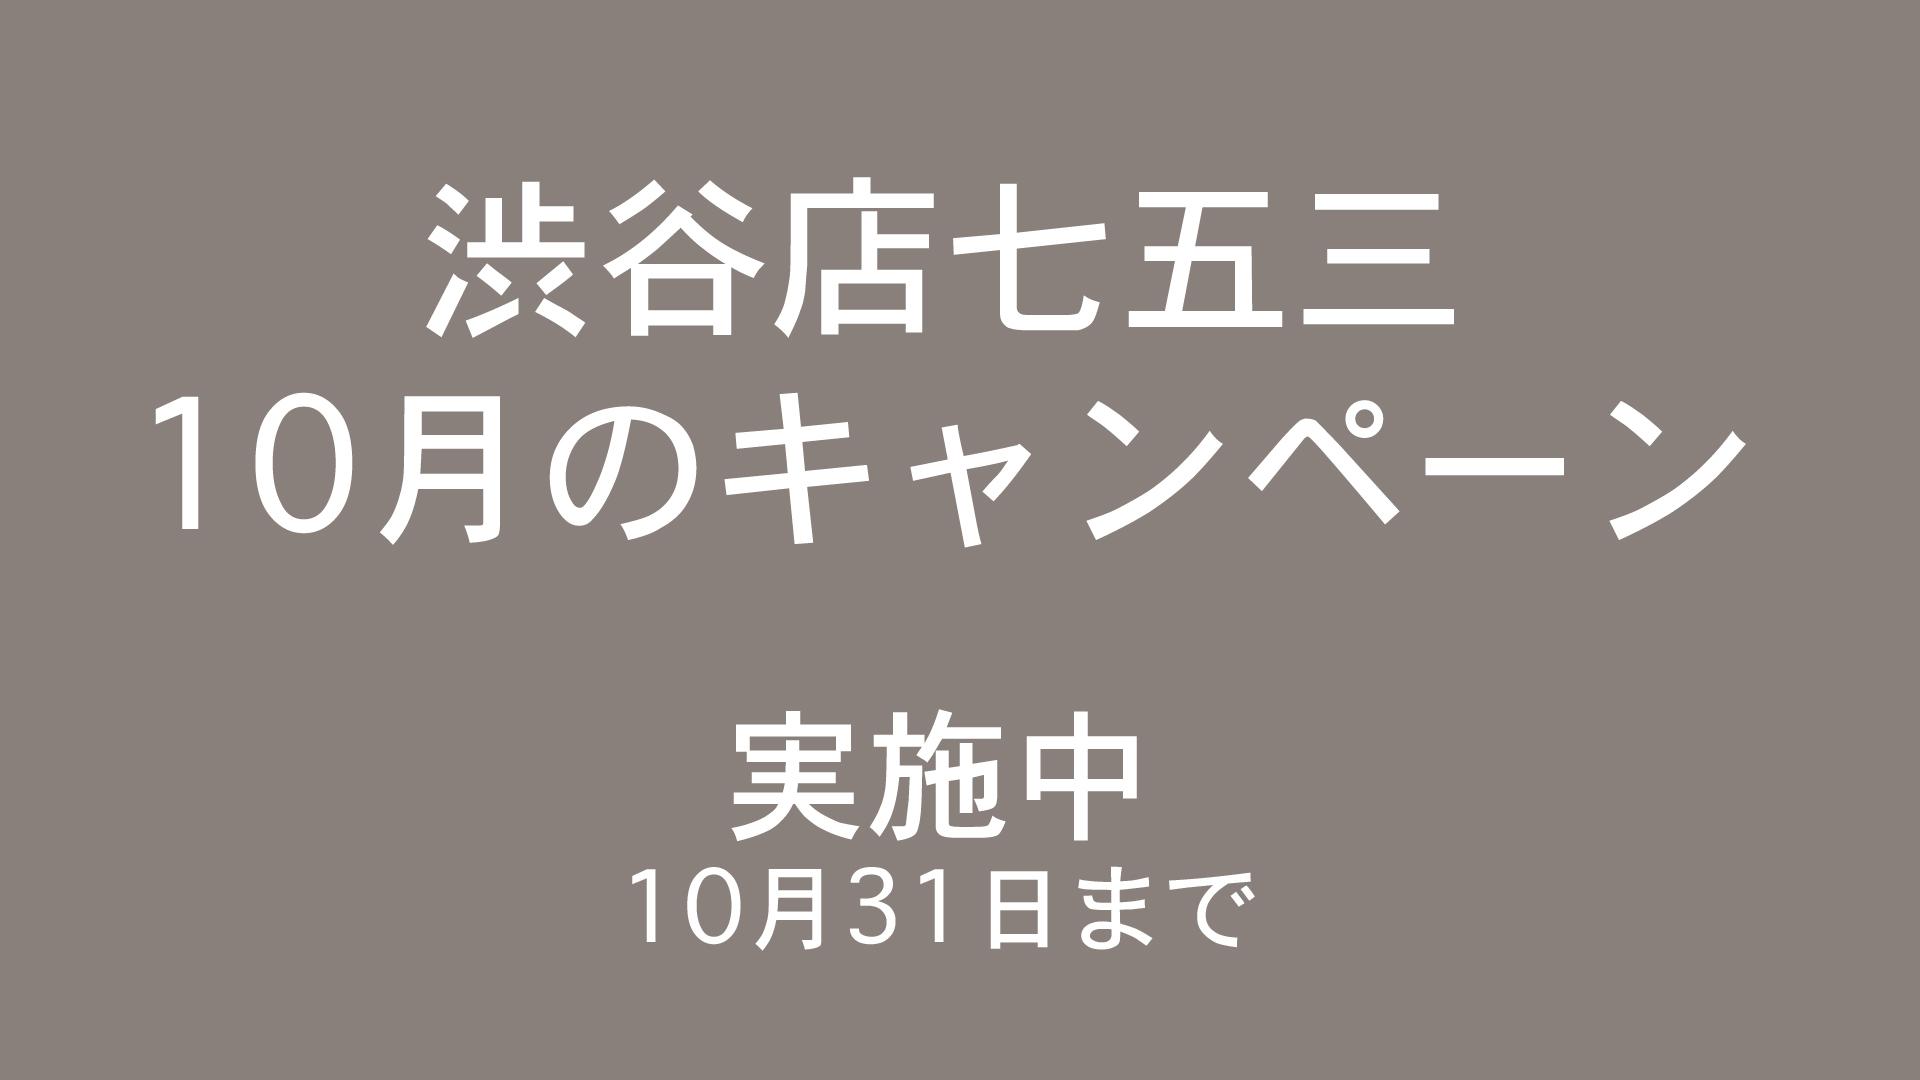 渋谷店 七五三 10月のキャンペーン